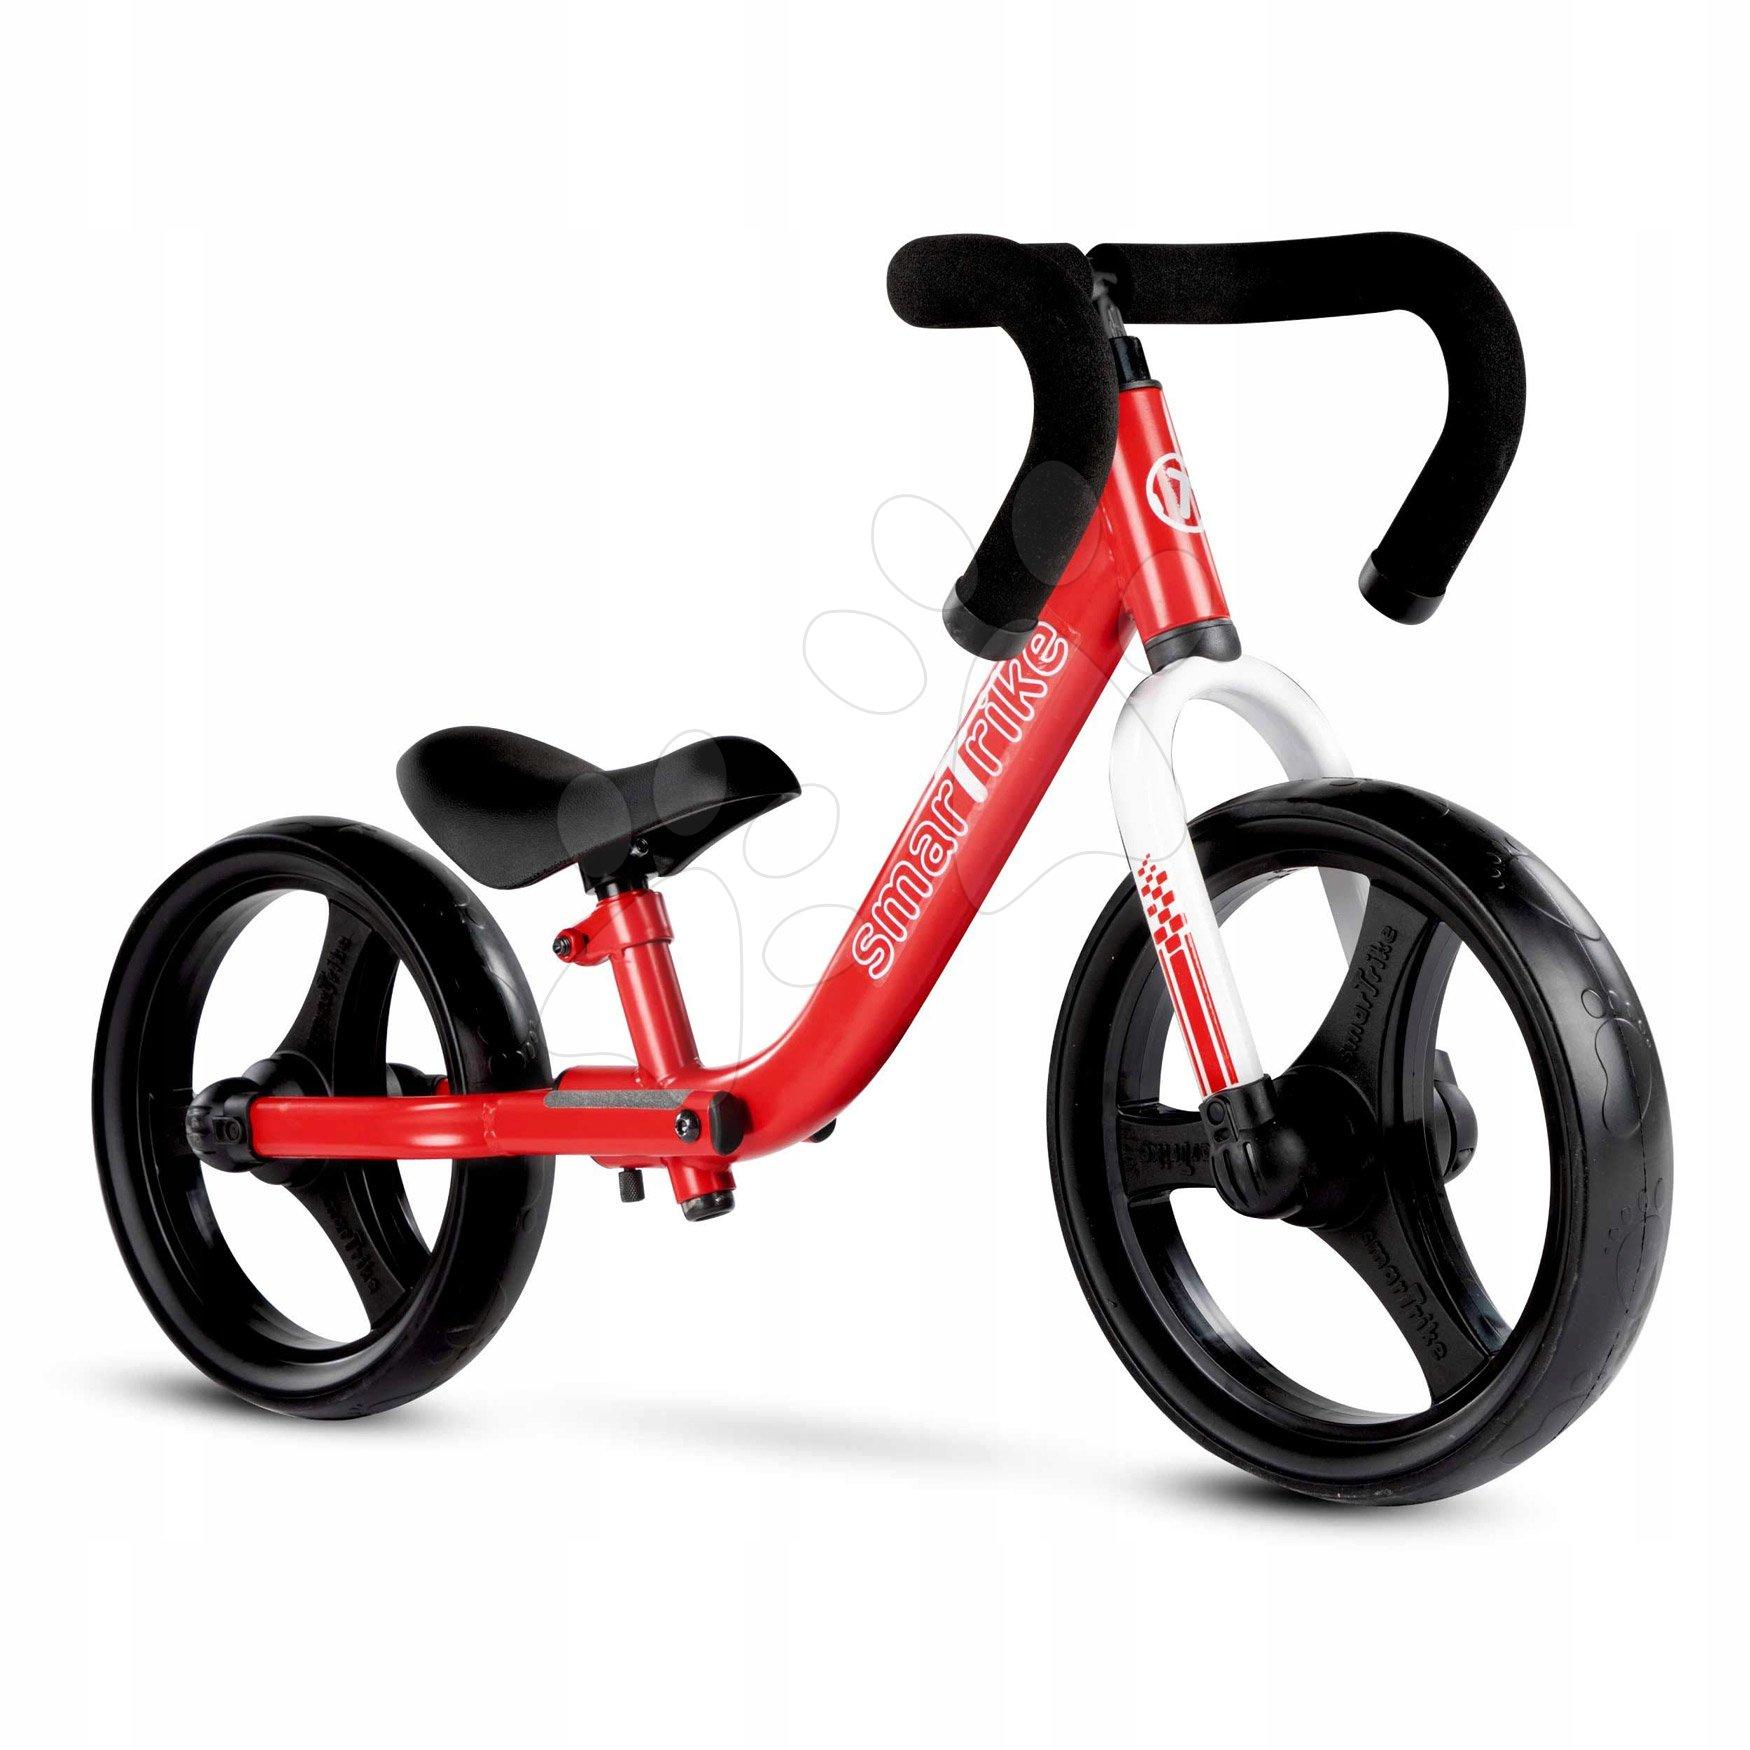 Balančné odrážadlo skladacie Folding Balance Bike Red smarTrike z hliníka s ergonomickými úchytmi od 2-5 rokov